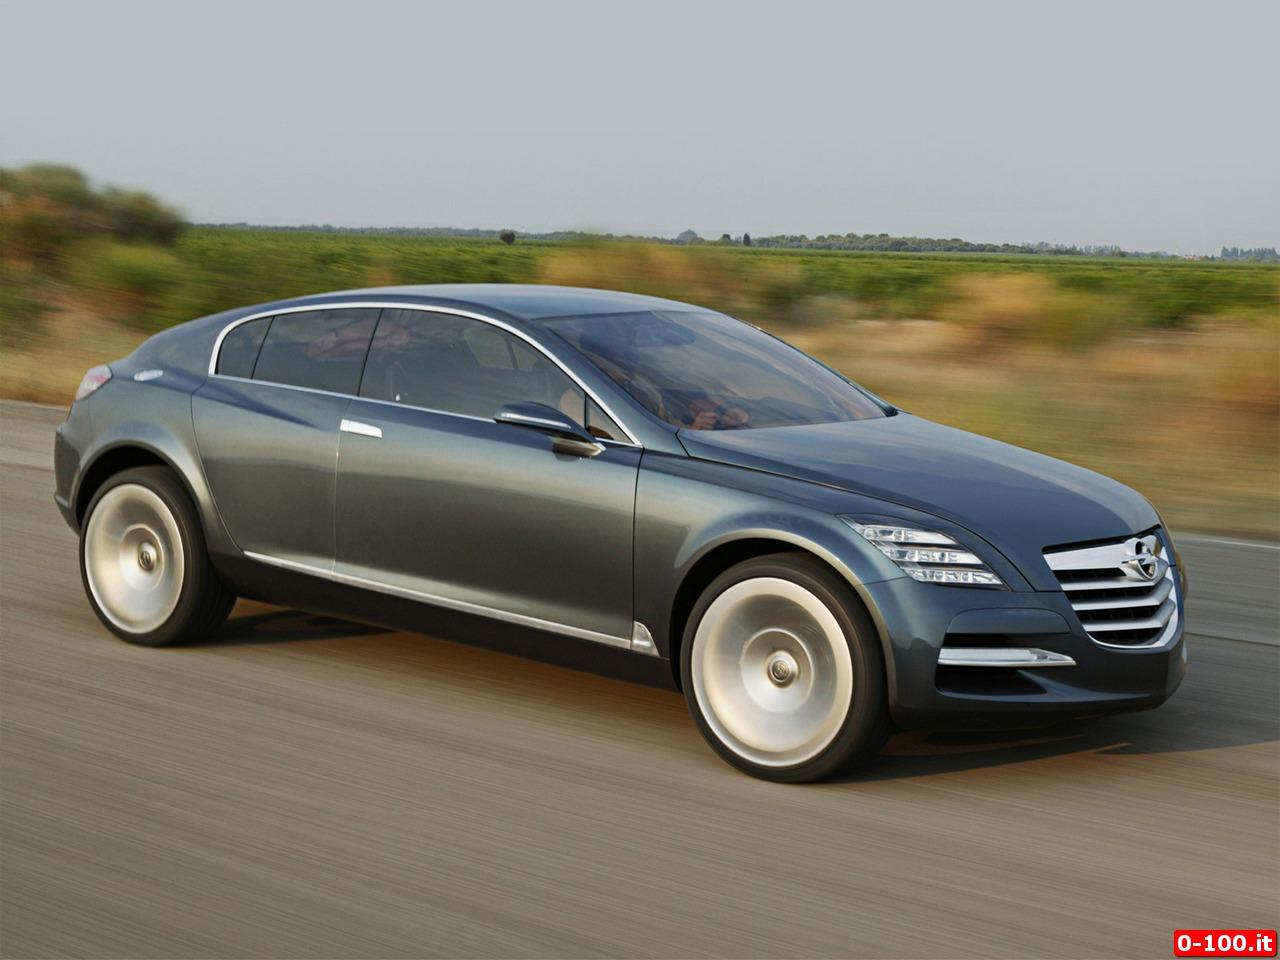 Opel_insignia-concept-0-100_3